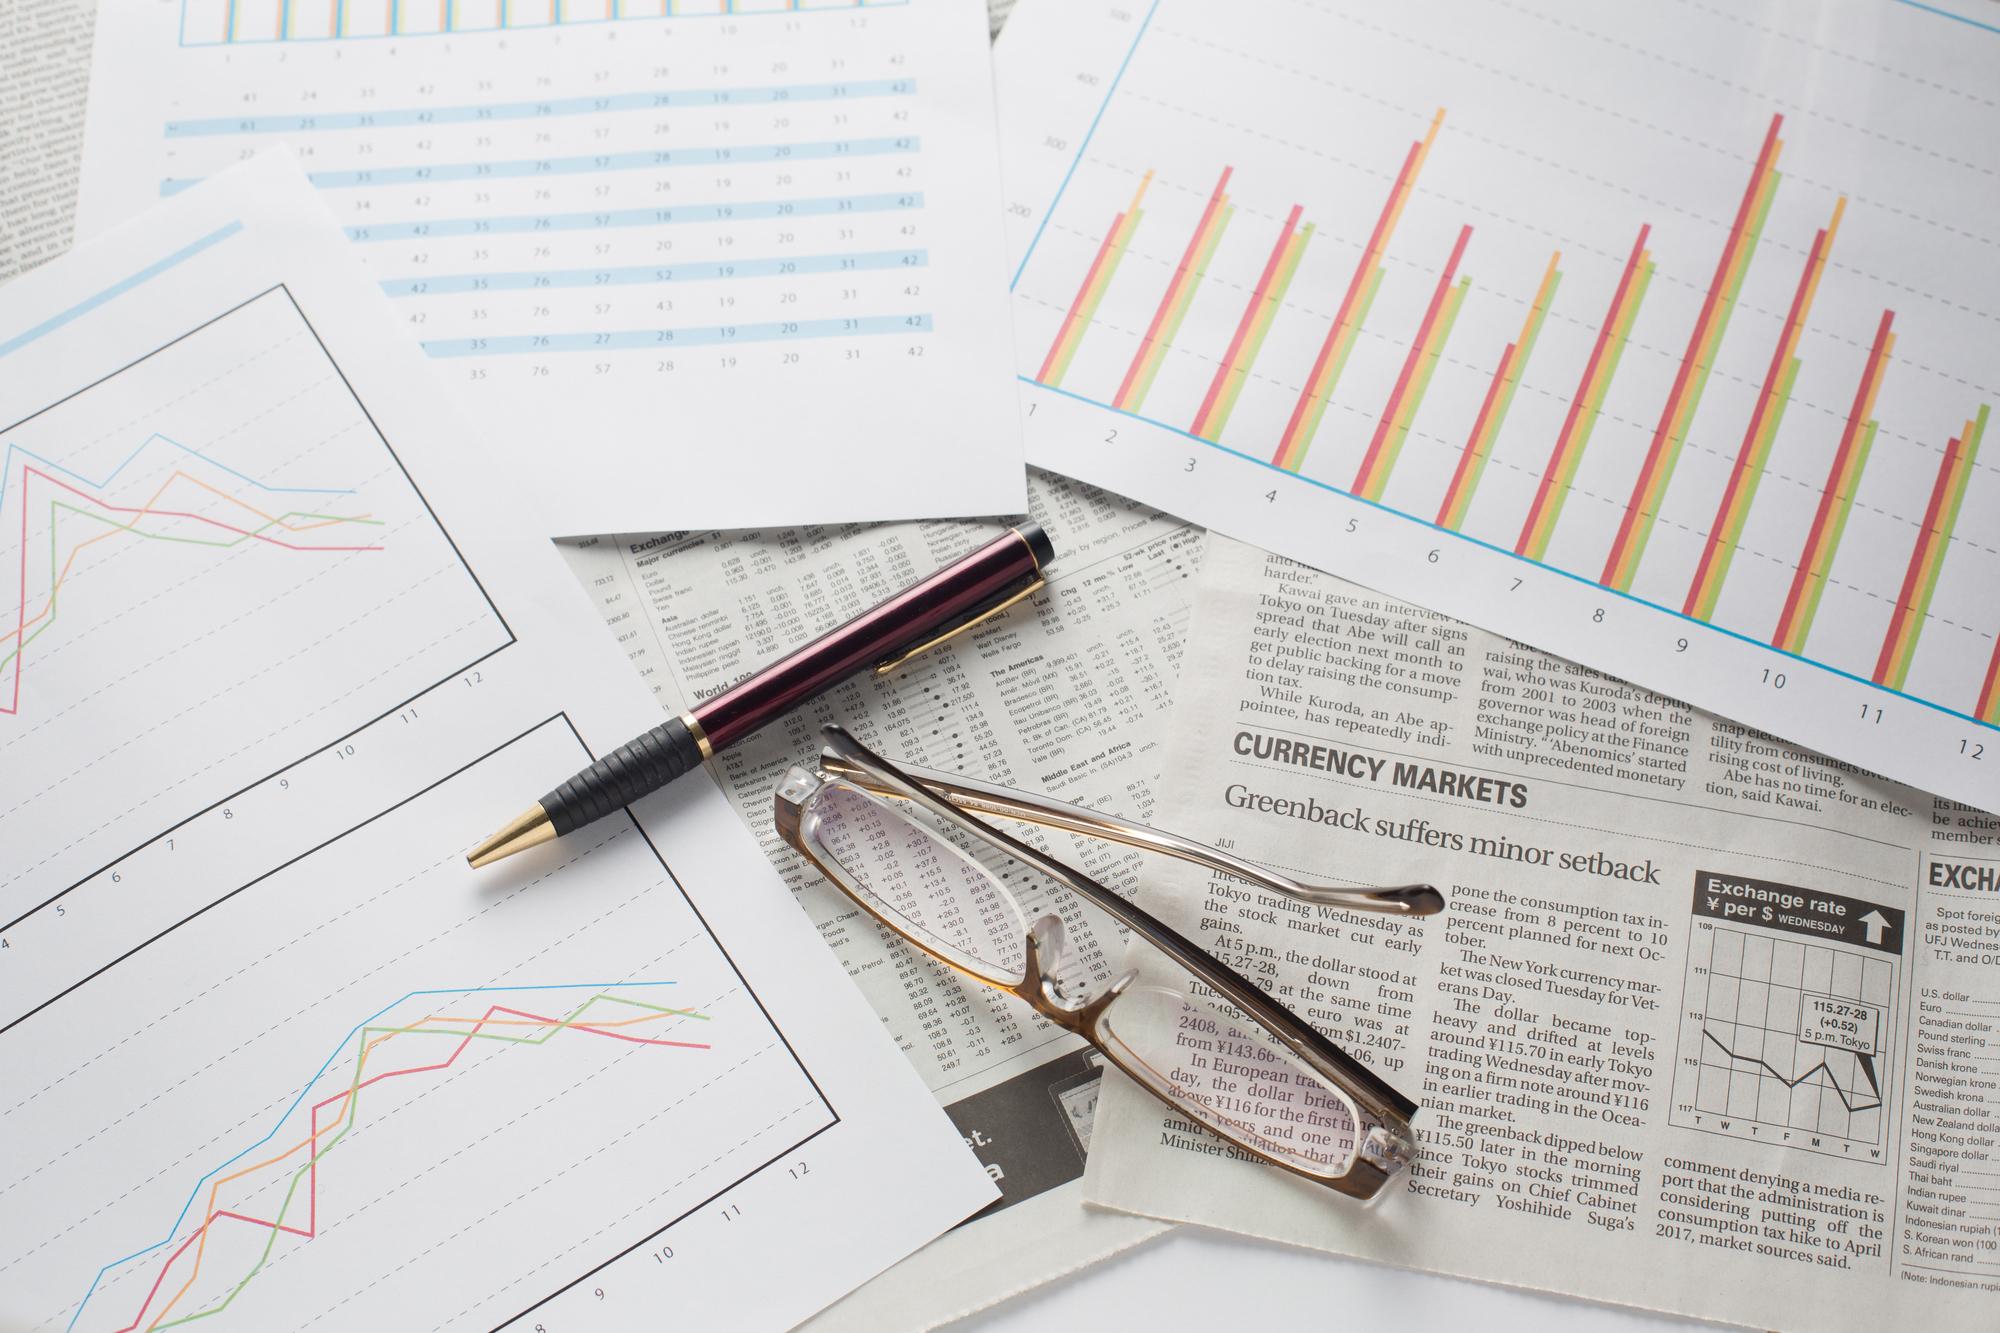 バイナリーオプション初心者のためのファンダメンタルズ分析の方法とは?